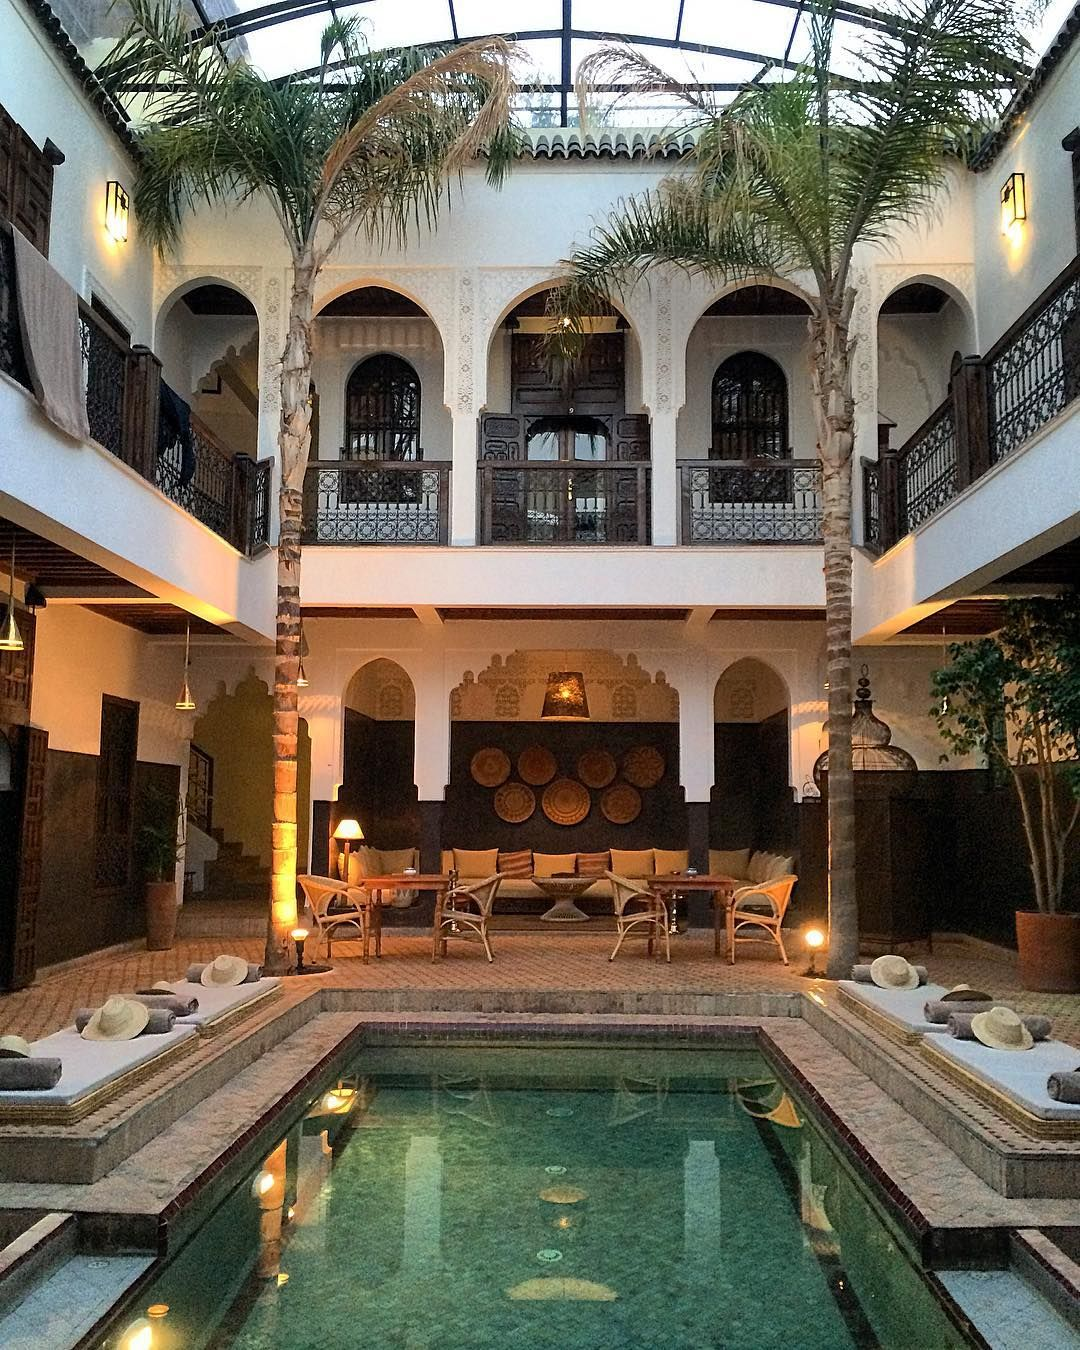 The Best Riads In Marrakech For Those On A Budget Con Imagenes Casas De Lujo Casas Coloniales Modernas Casas